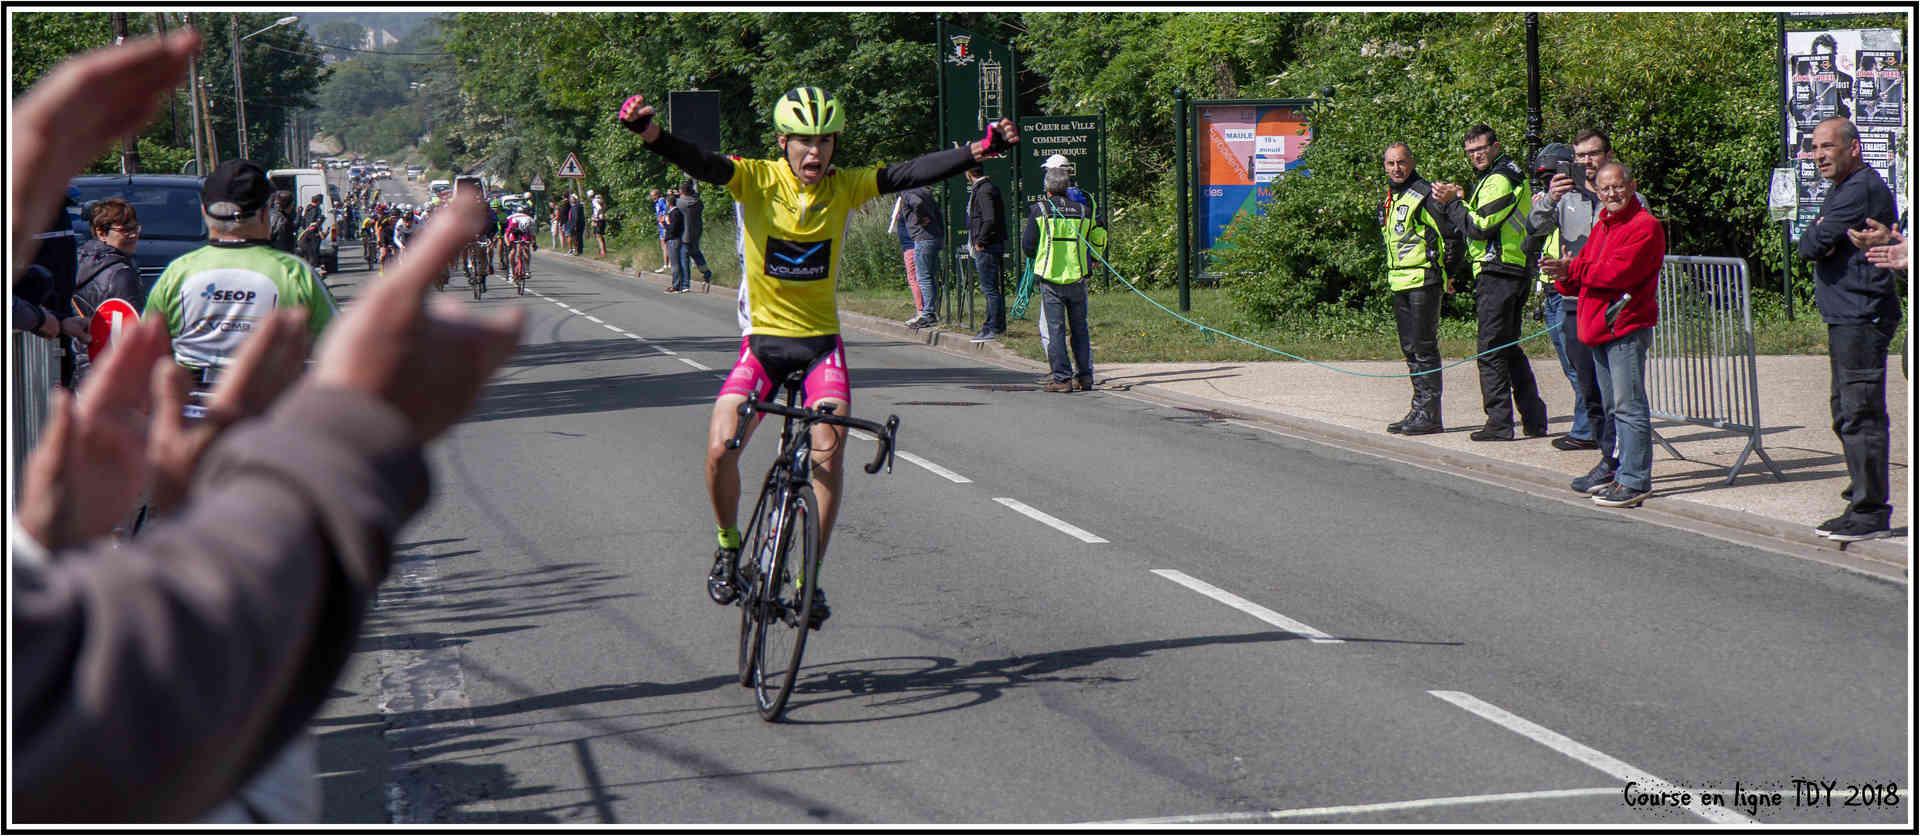 photo des récompenses + celle de l'arrivée du vainqueur de la course en ligne TDY 2018 Arrive11